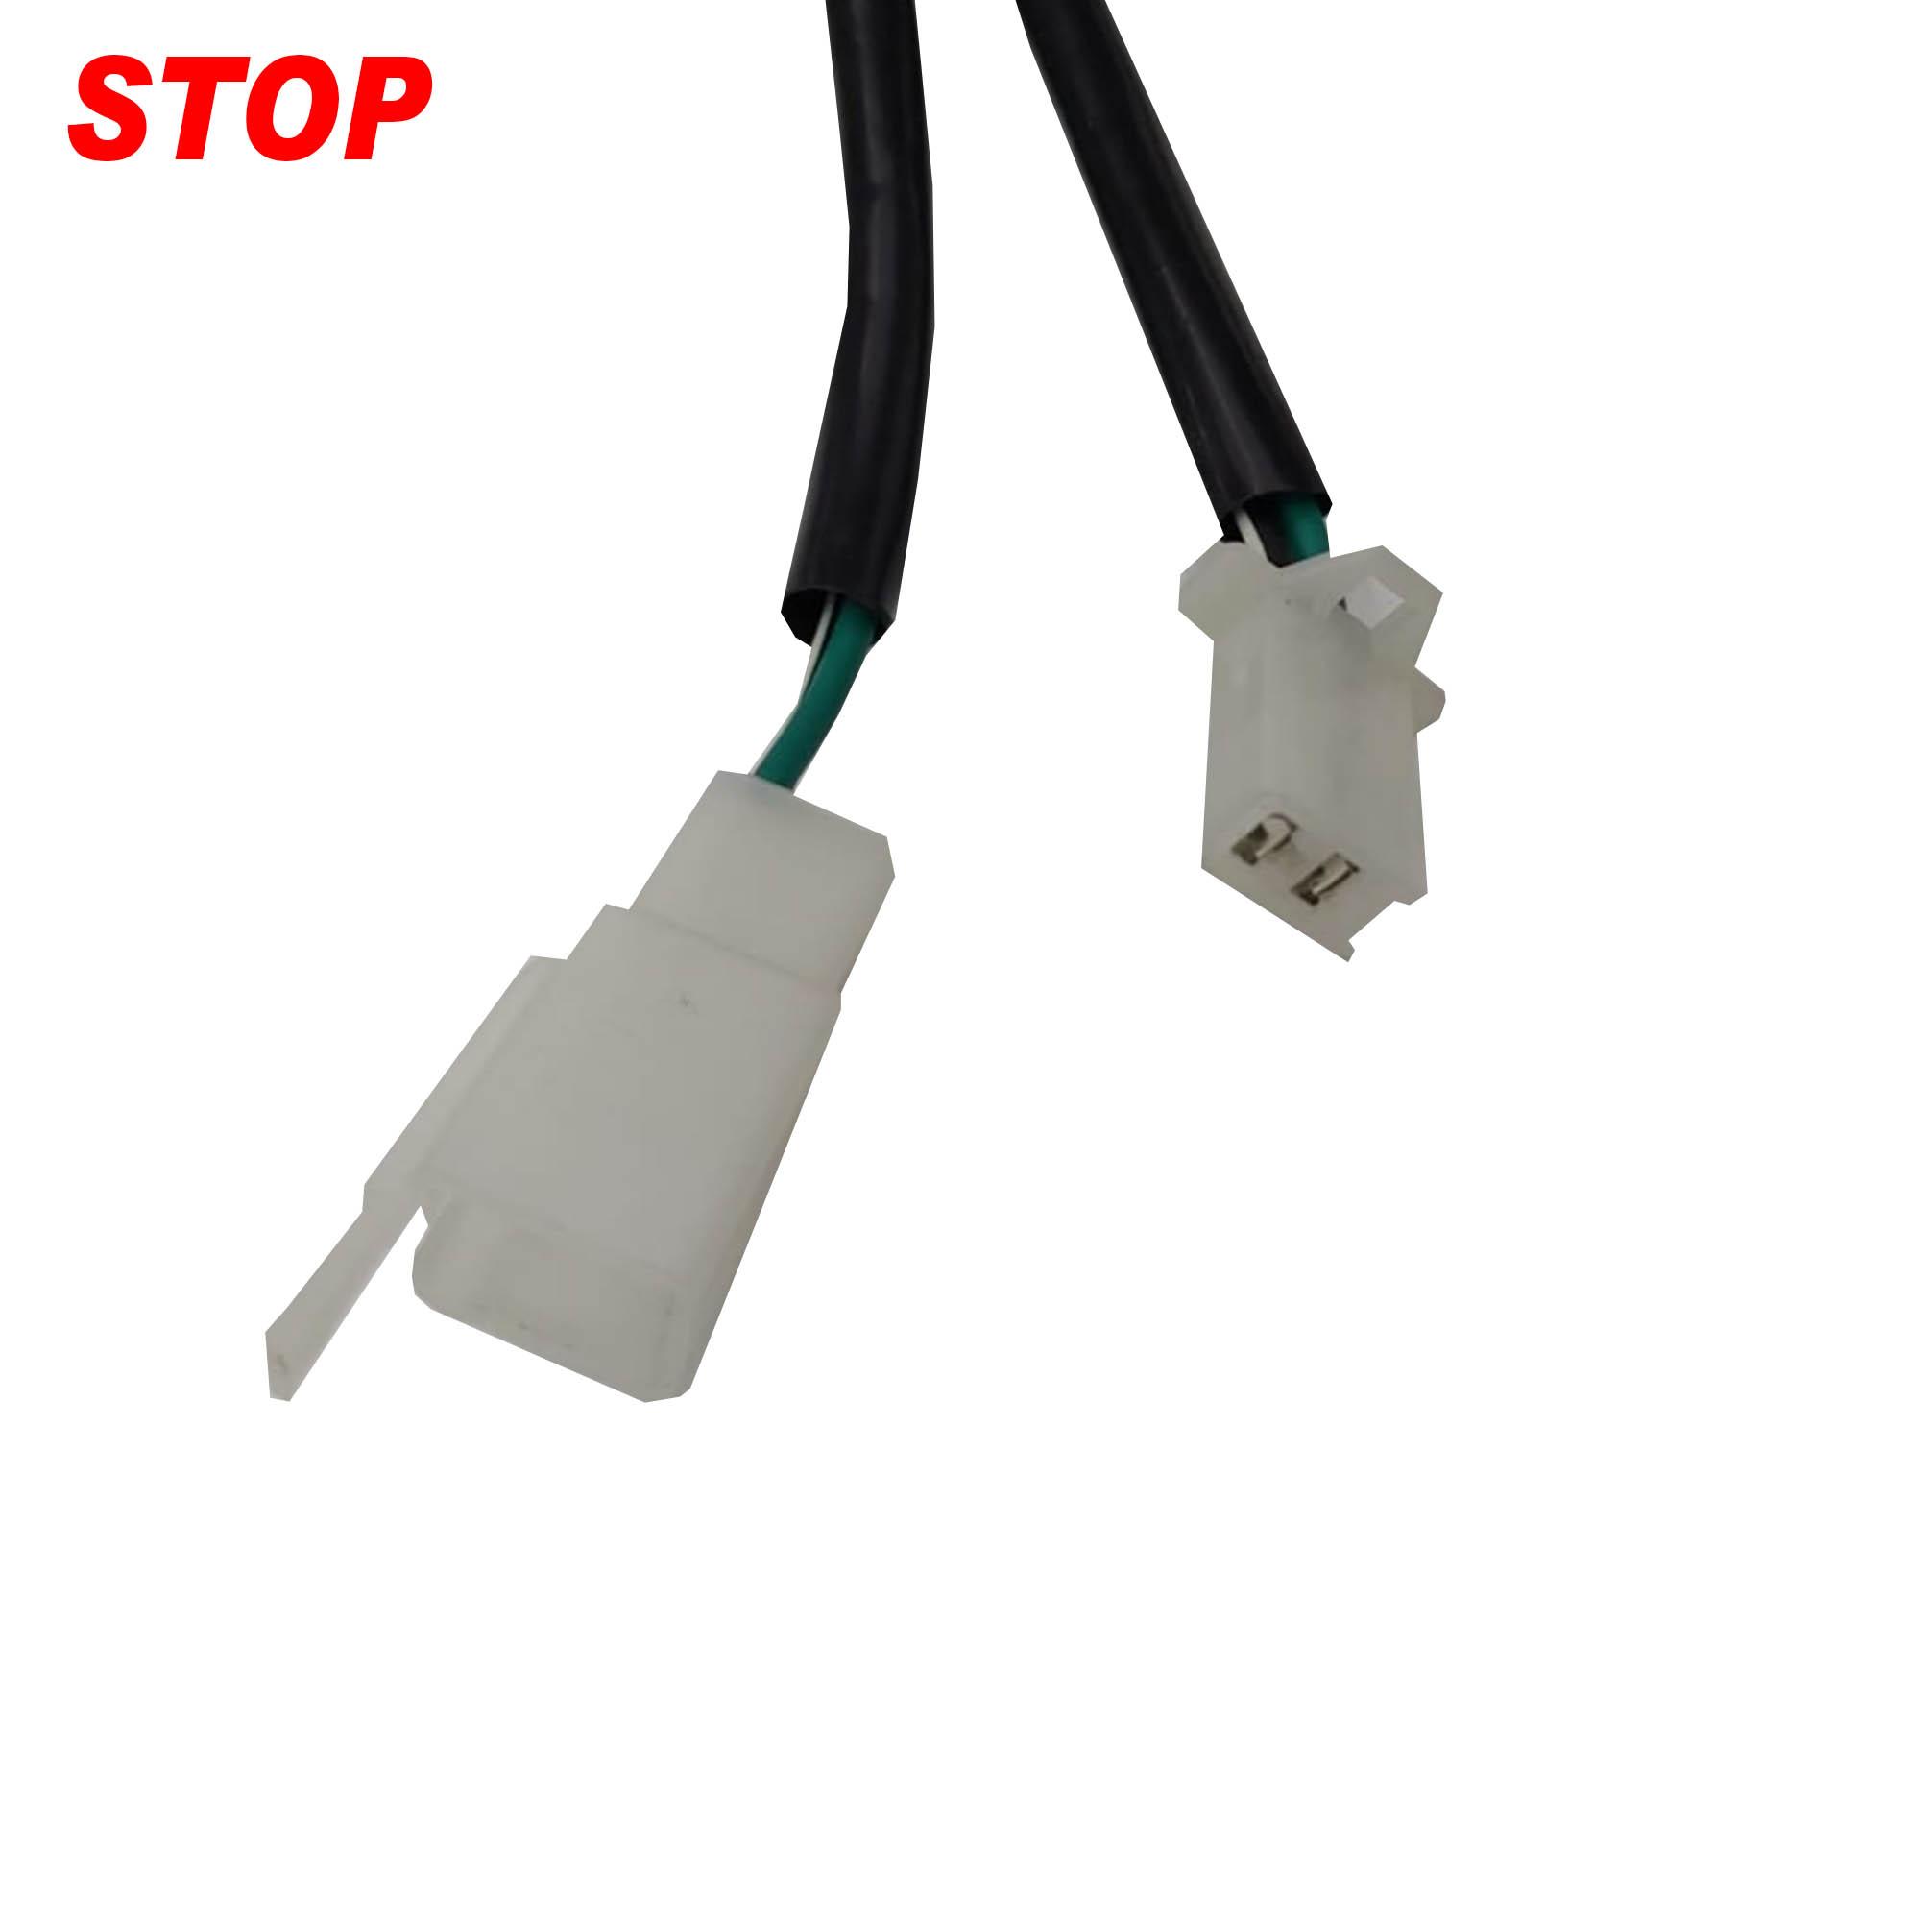 STOP-2.jpg